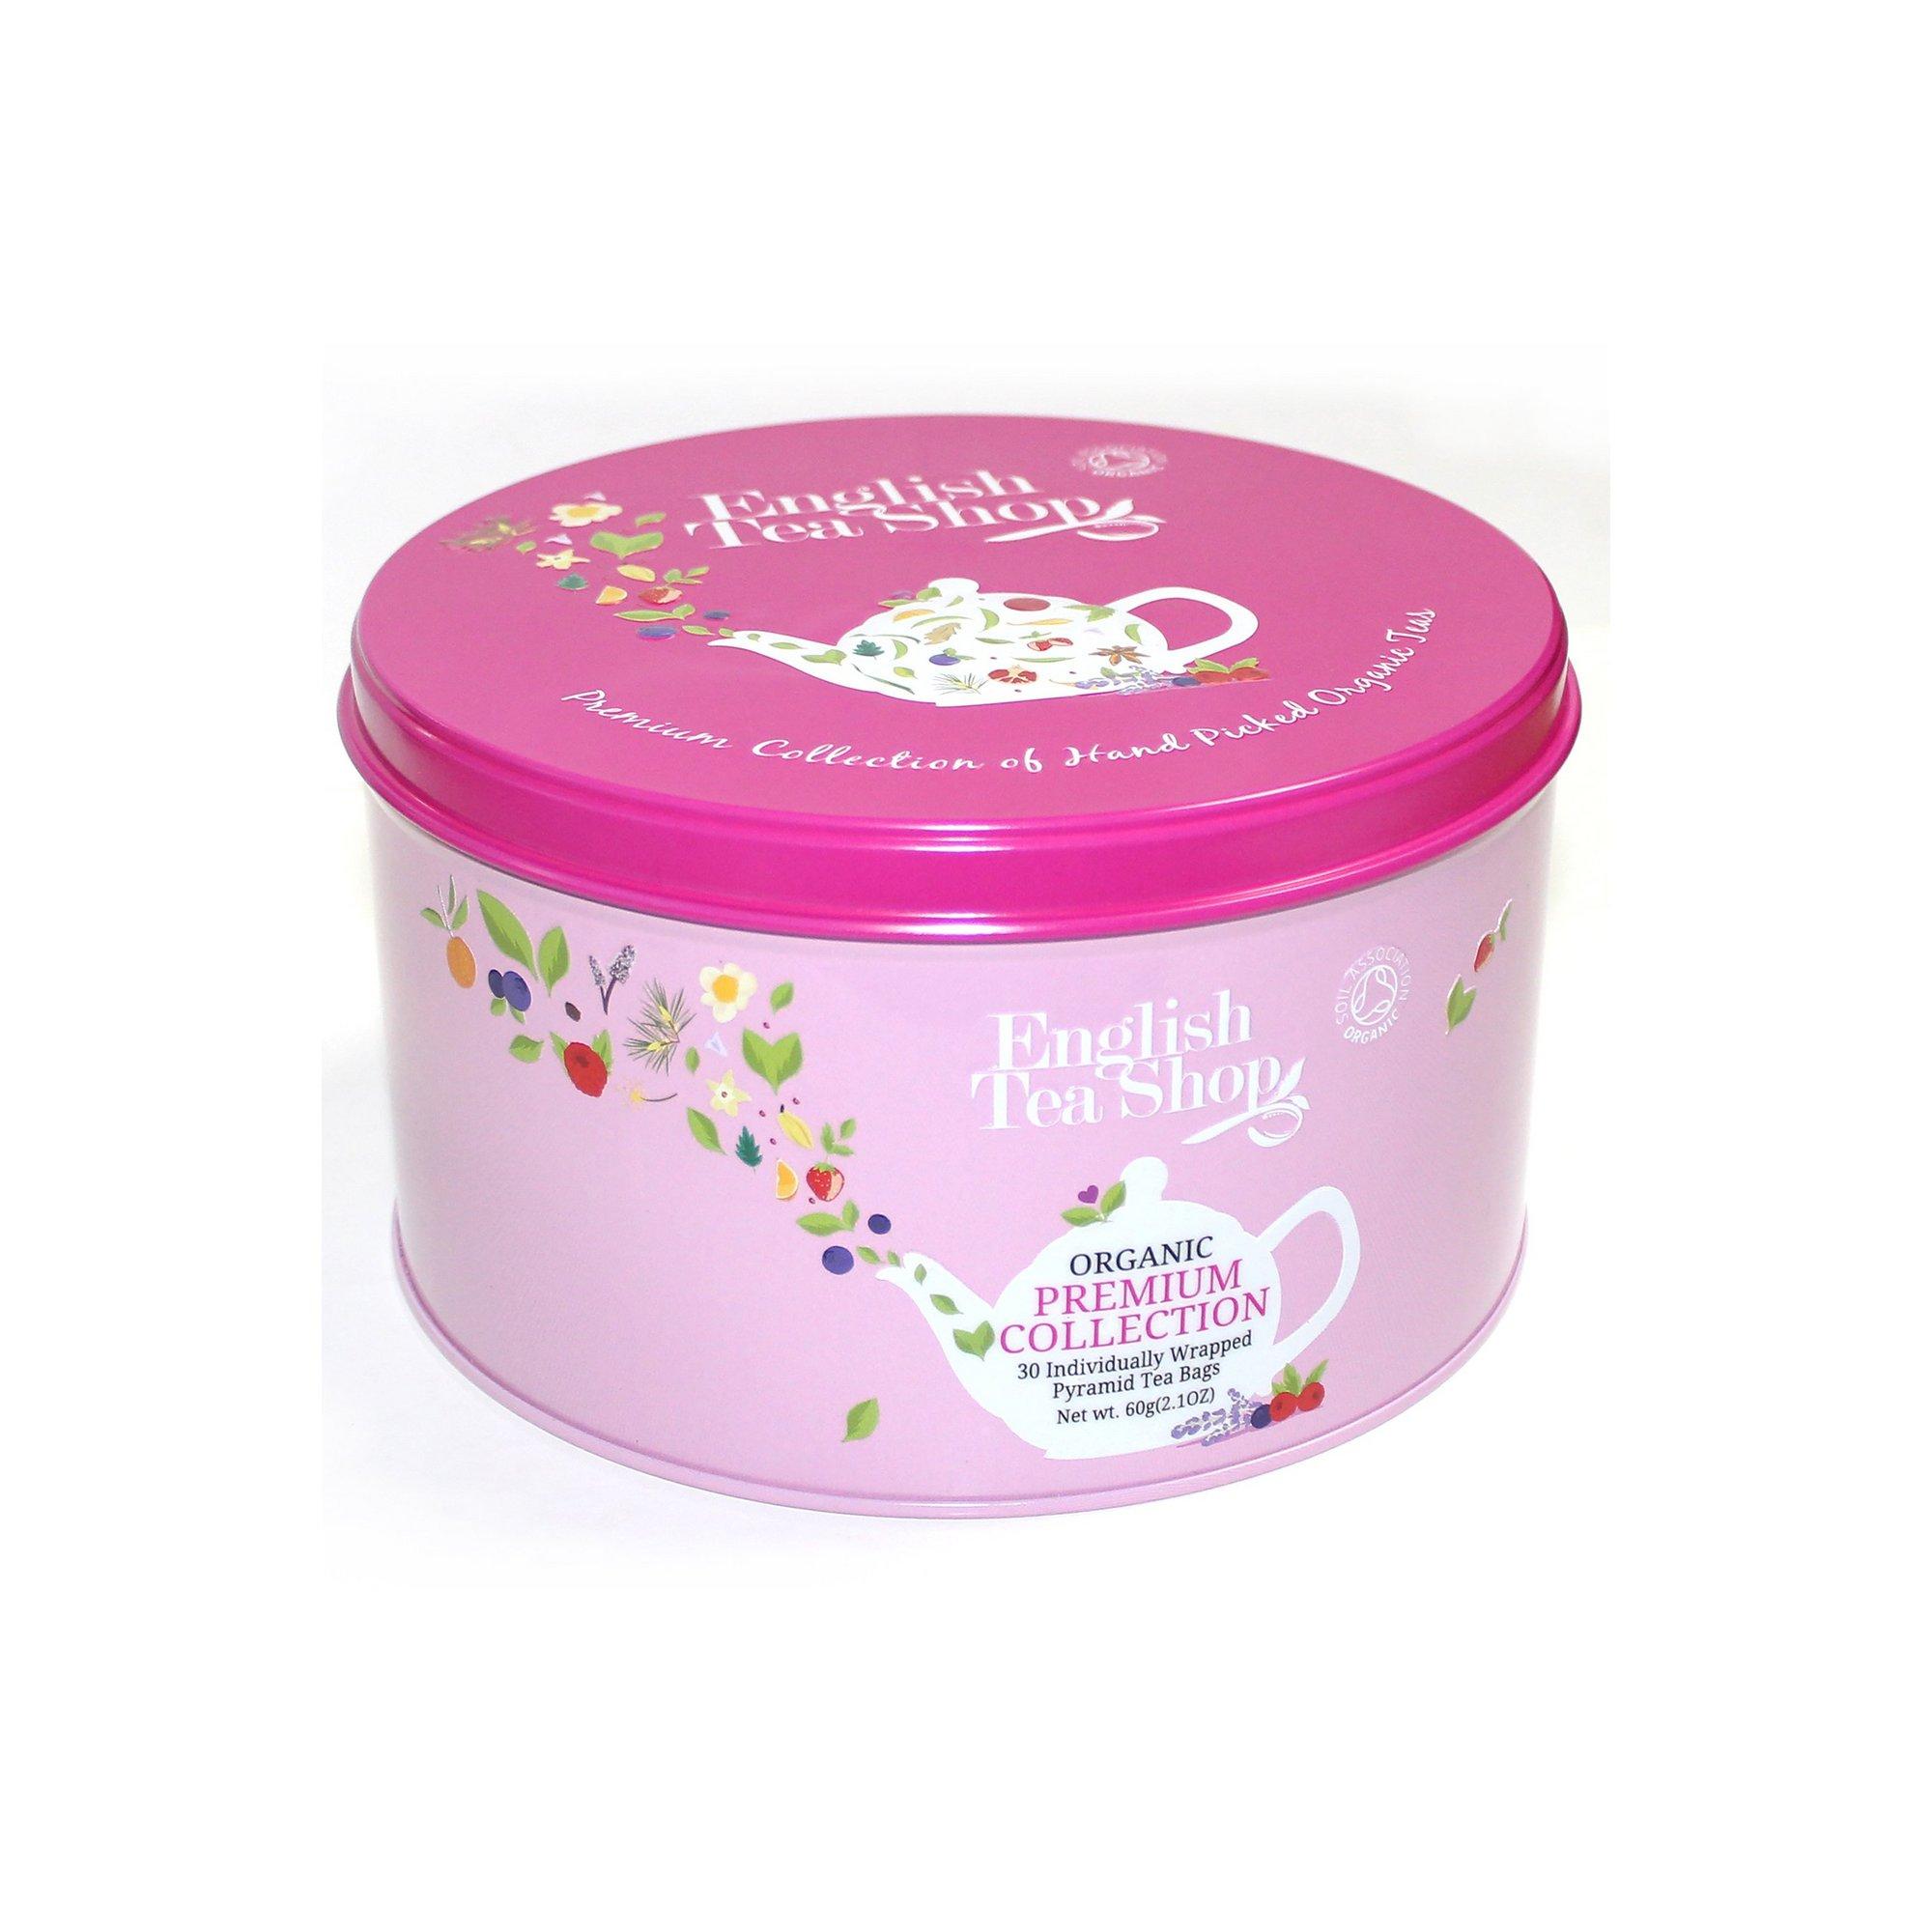 Image of English Tea Shop Round Premium Gift Tin